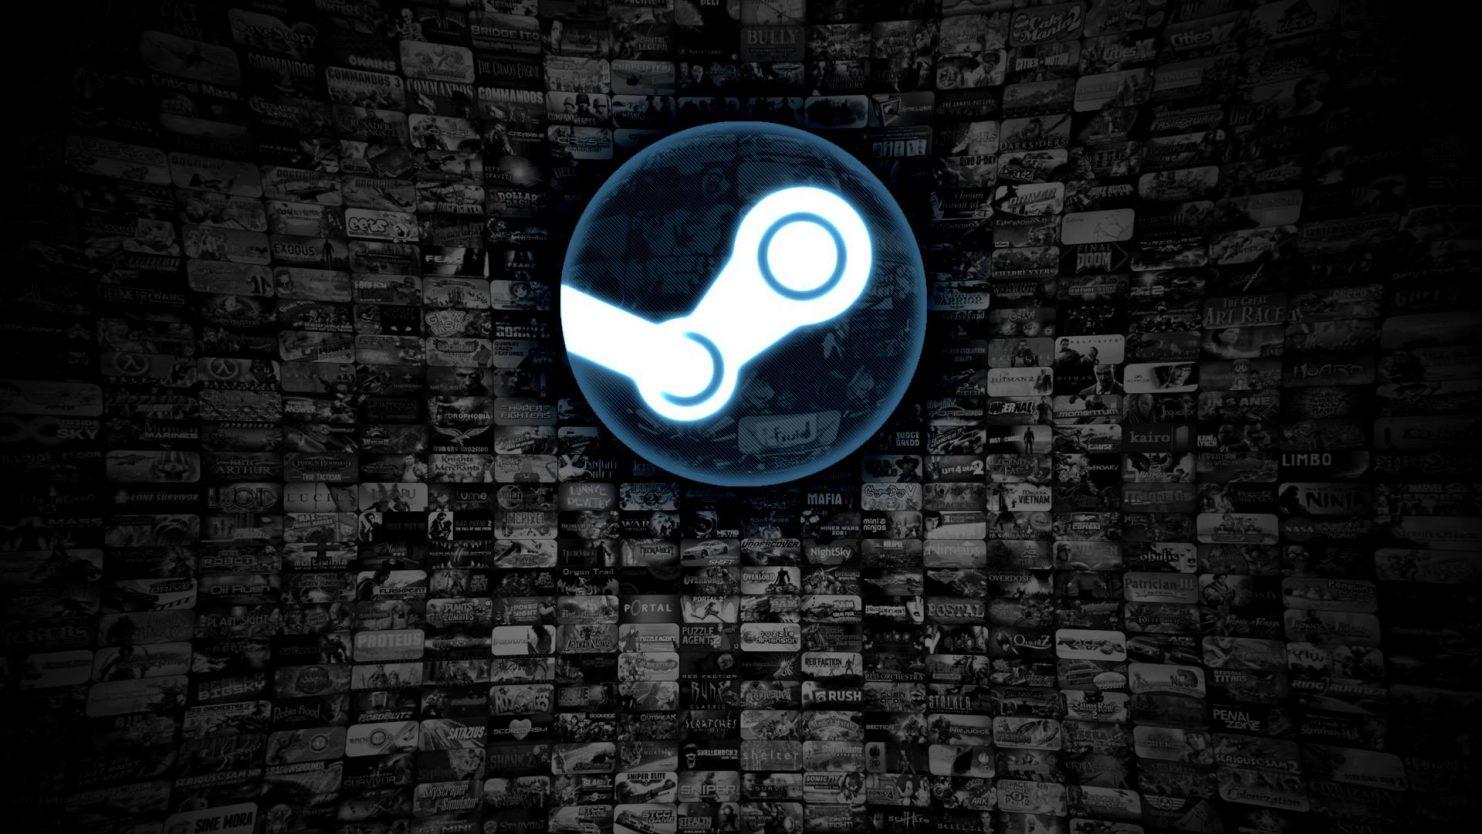 Muốn chơi được PUBG phải có tài khoản Steam